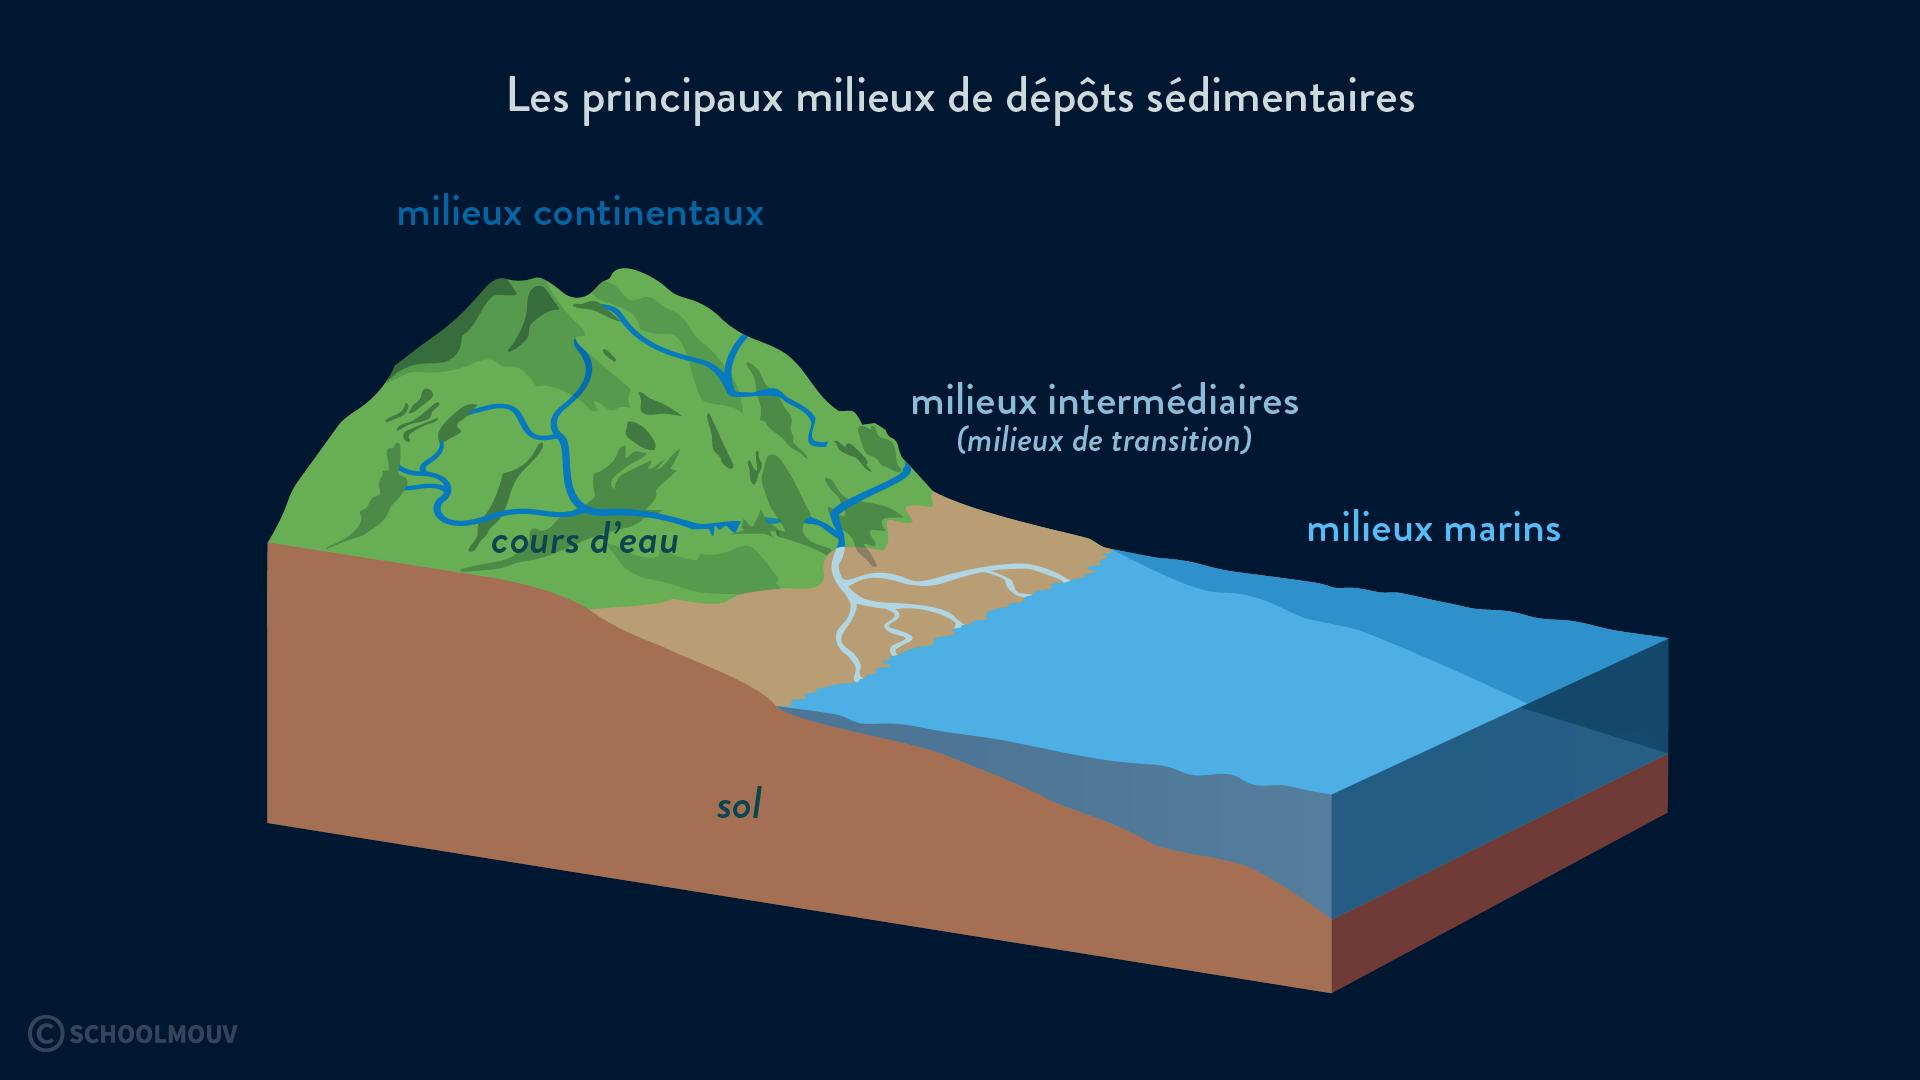 milieux dépôts sédimentaires